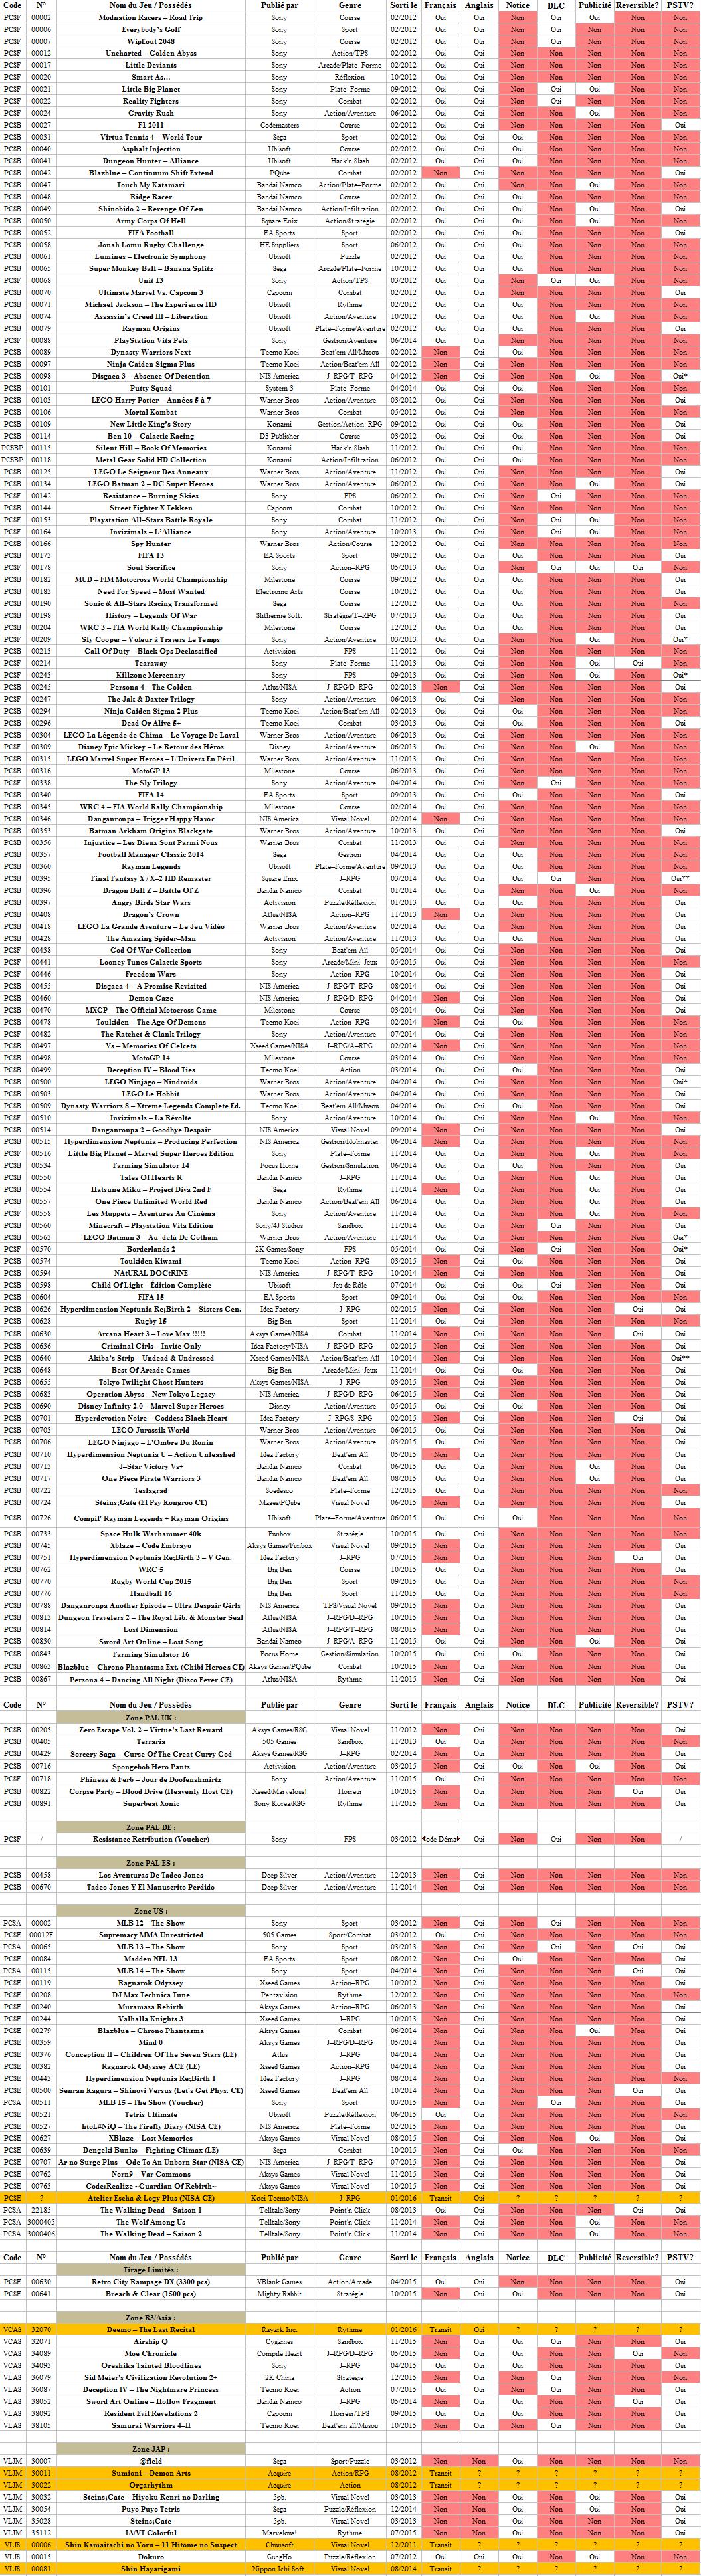 PSvita: Liste des jeux avec et sans notice - Page 2 1453498674-stats-psv